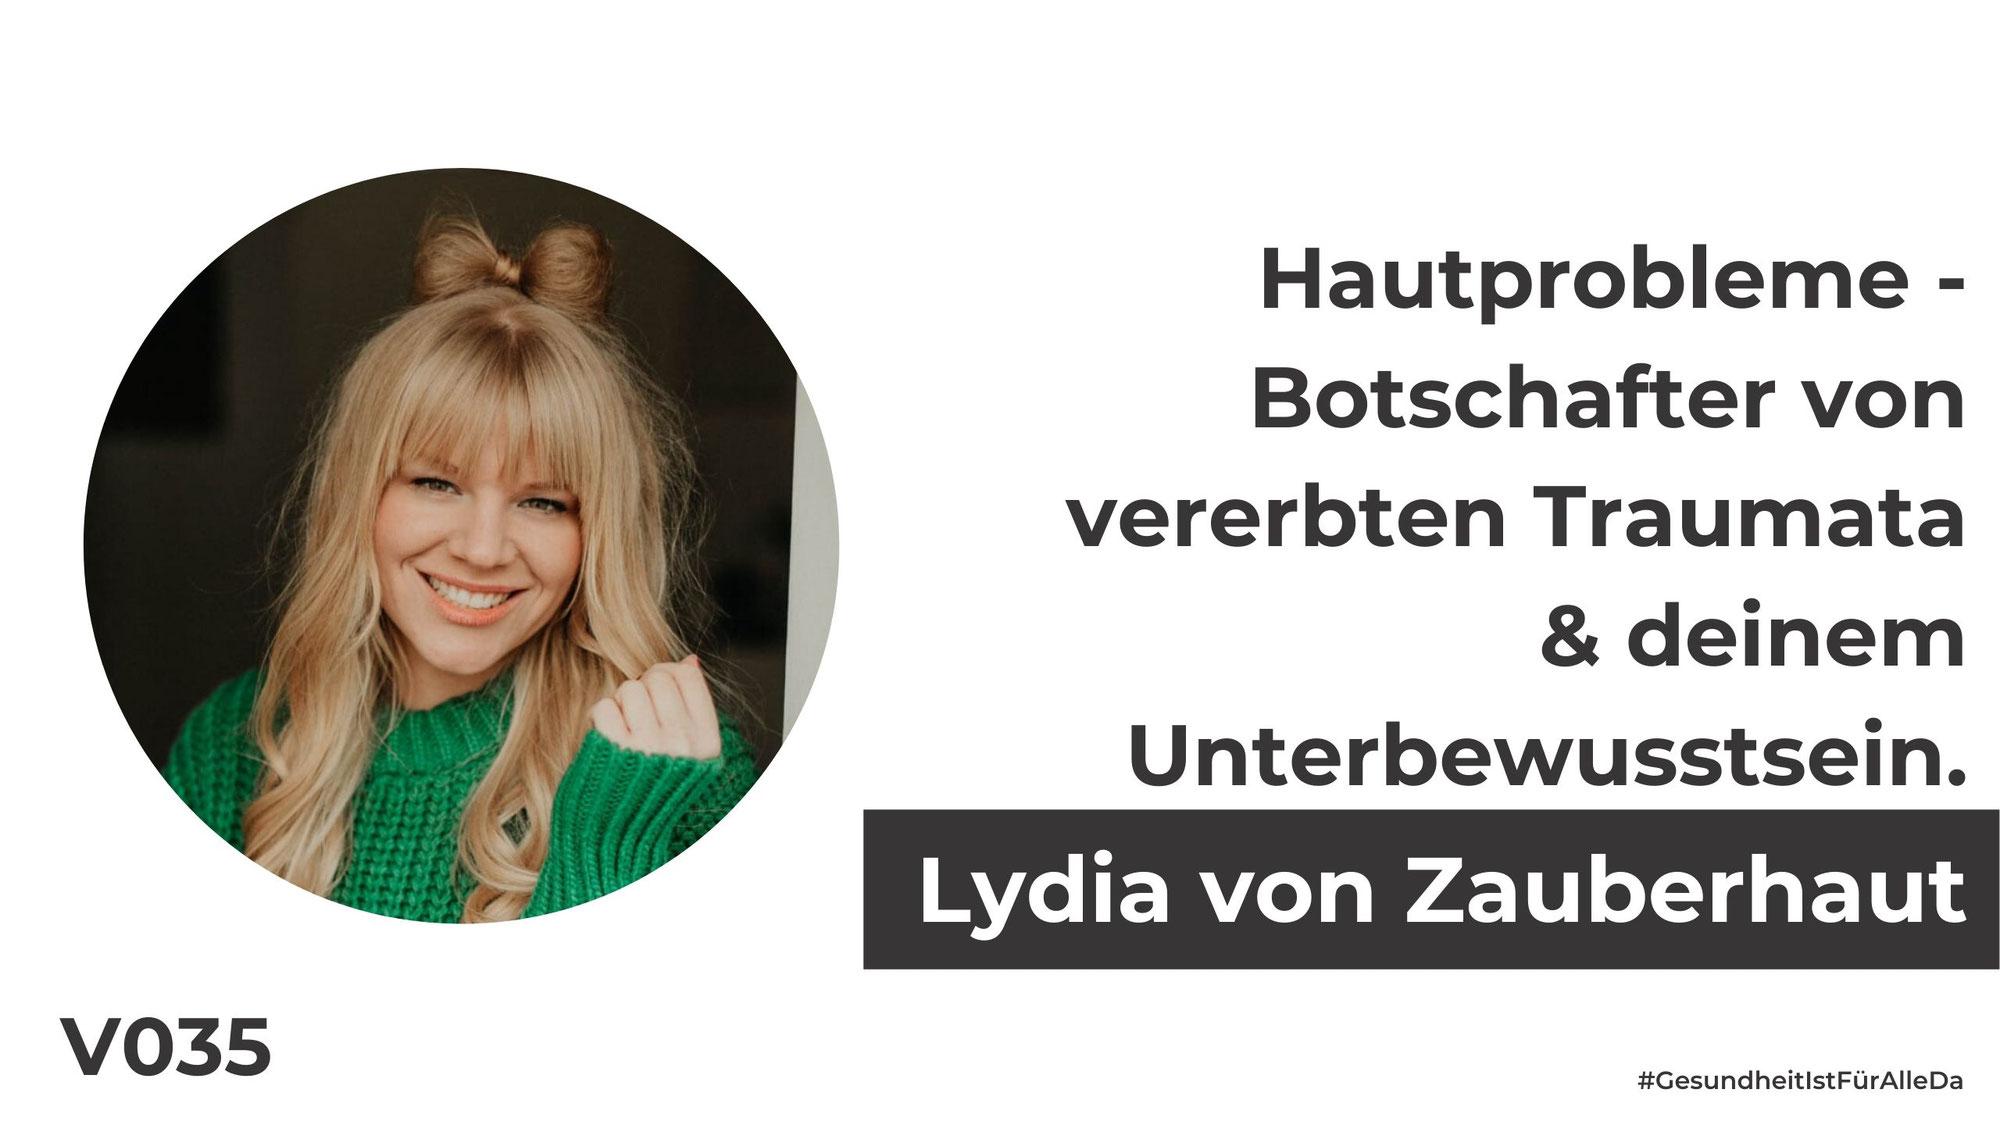 Lydia von Zauberhaut